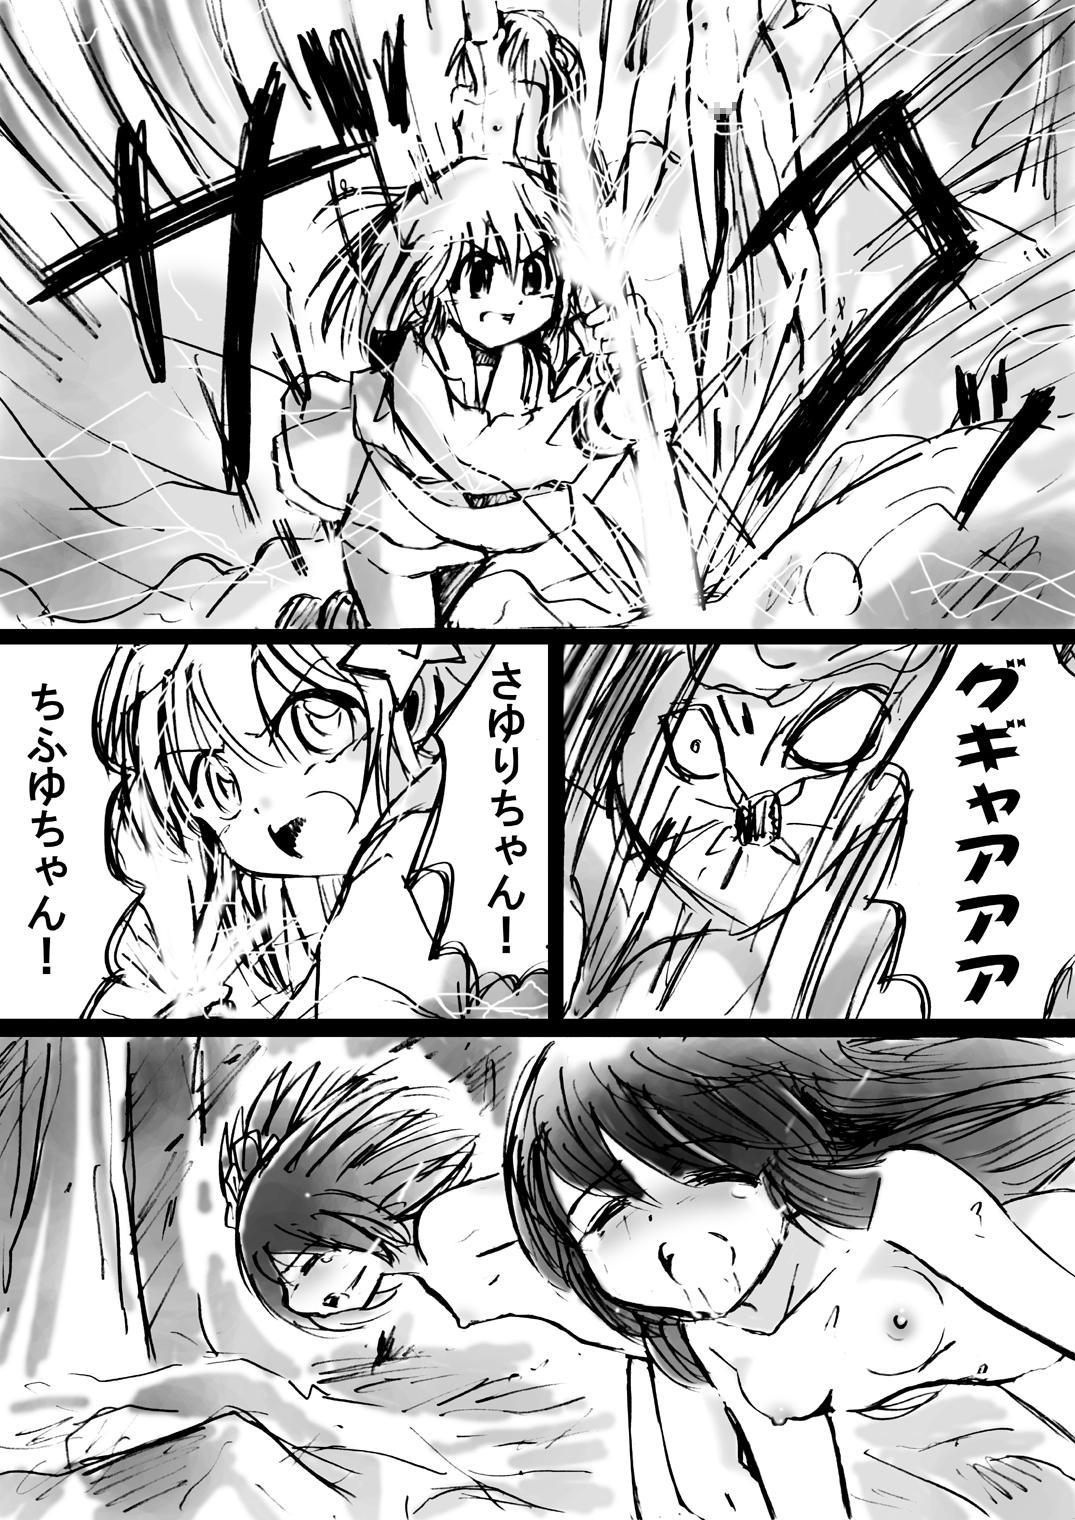 [Dende] Fushigi Sekai -Mystery World- Nonoha 5 ~Jokuma no Kyouniku no Tainai Shinshoku~ 44